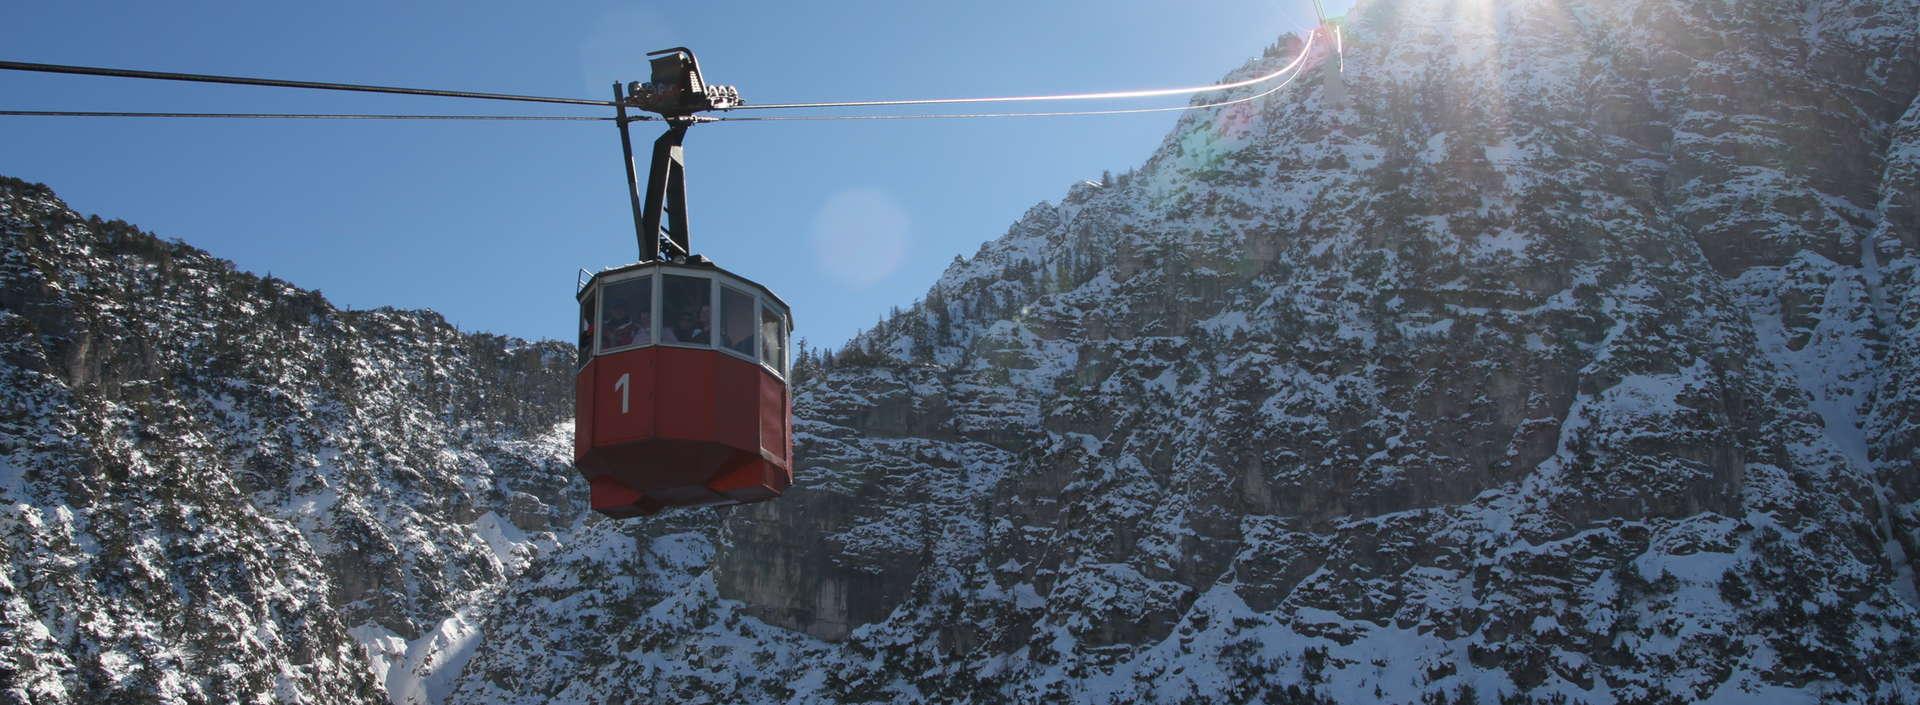 Predigtstuhlbahn Winter